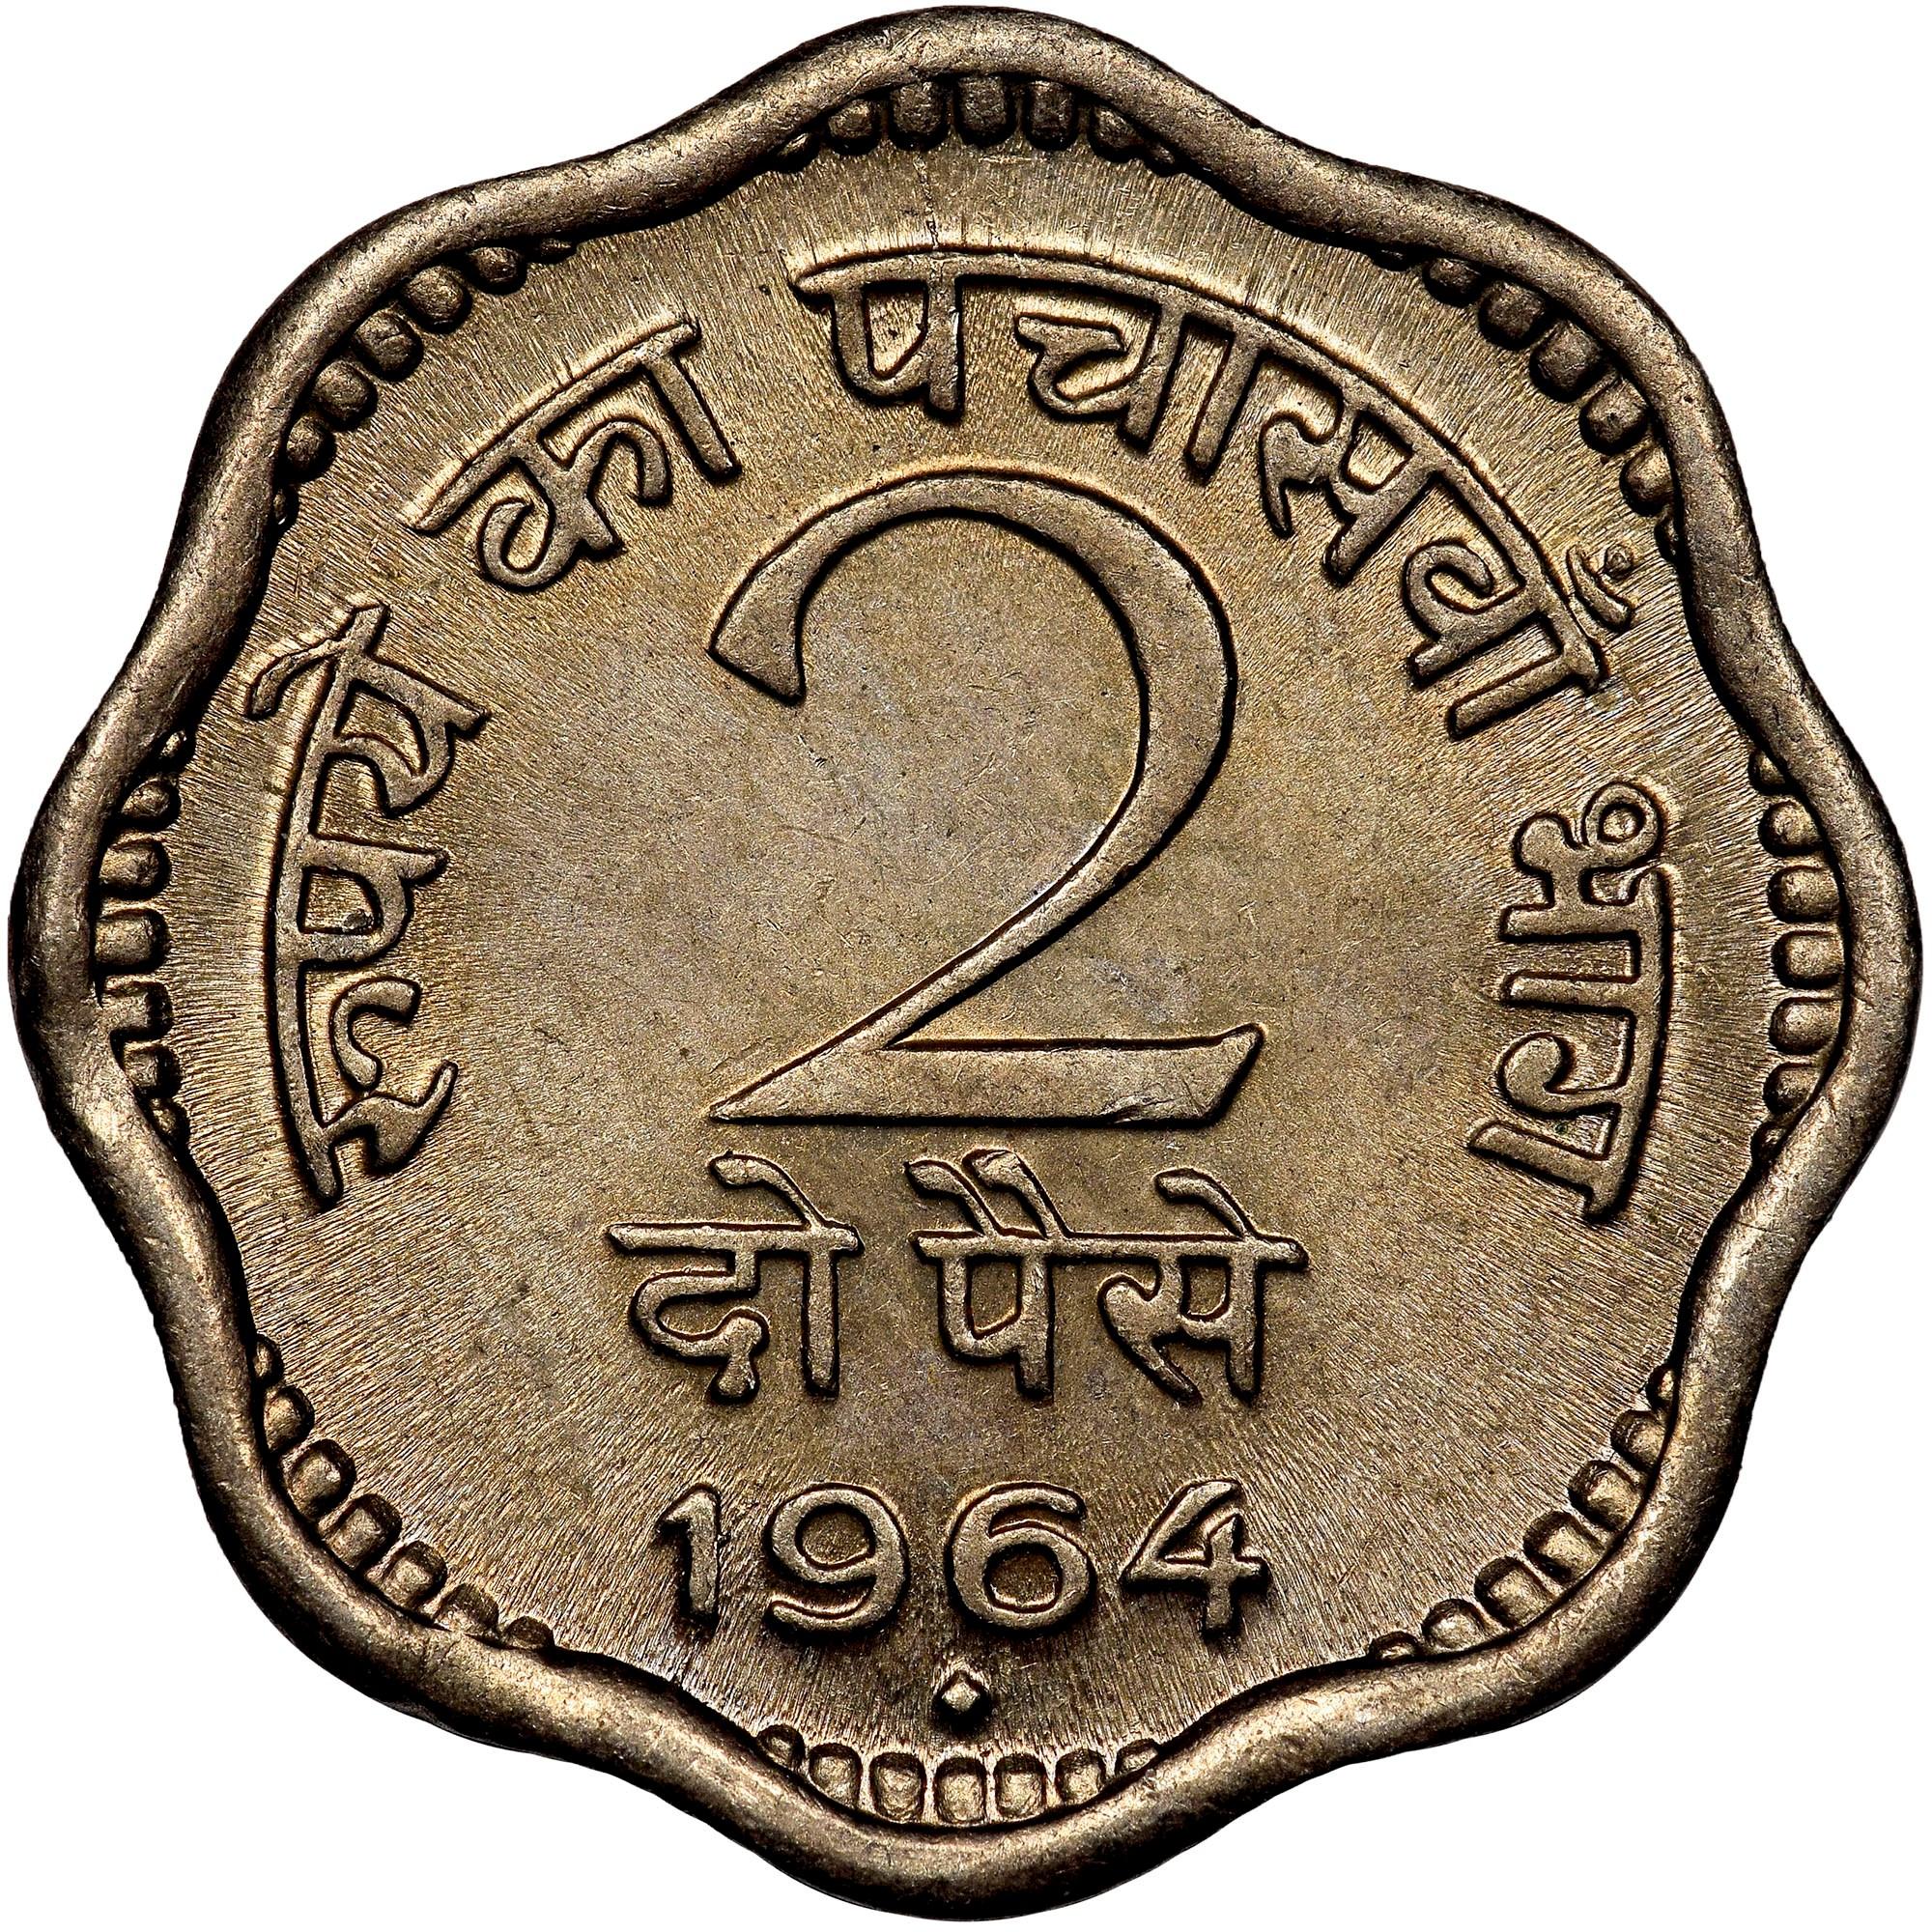 India-Republic 2 Paise reverse